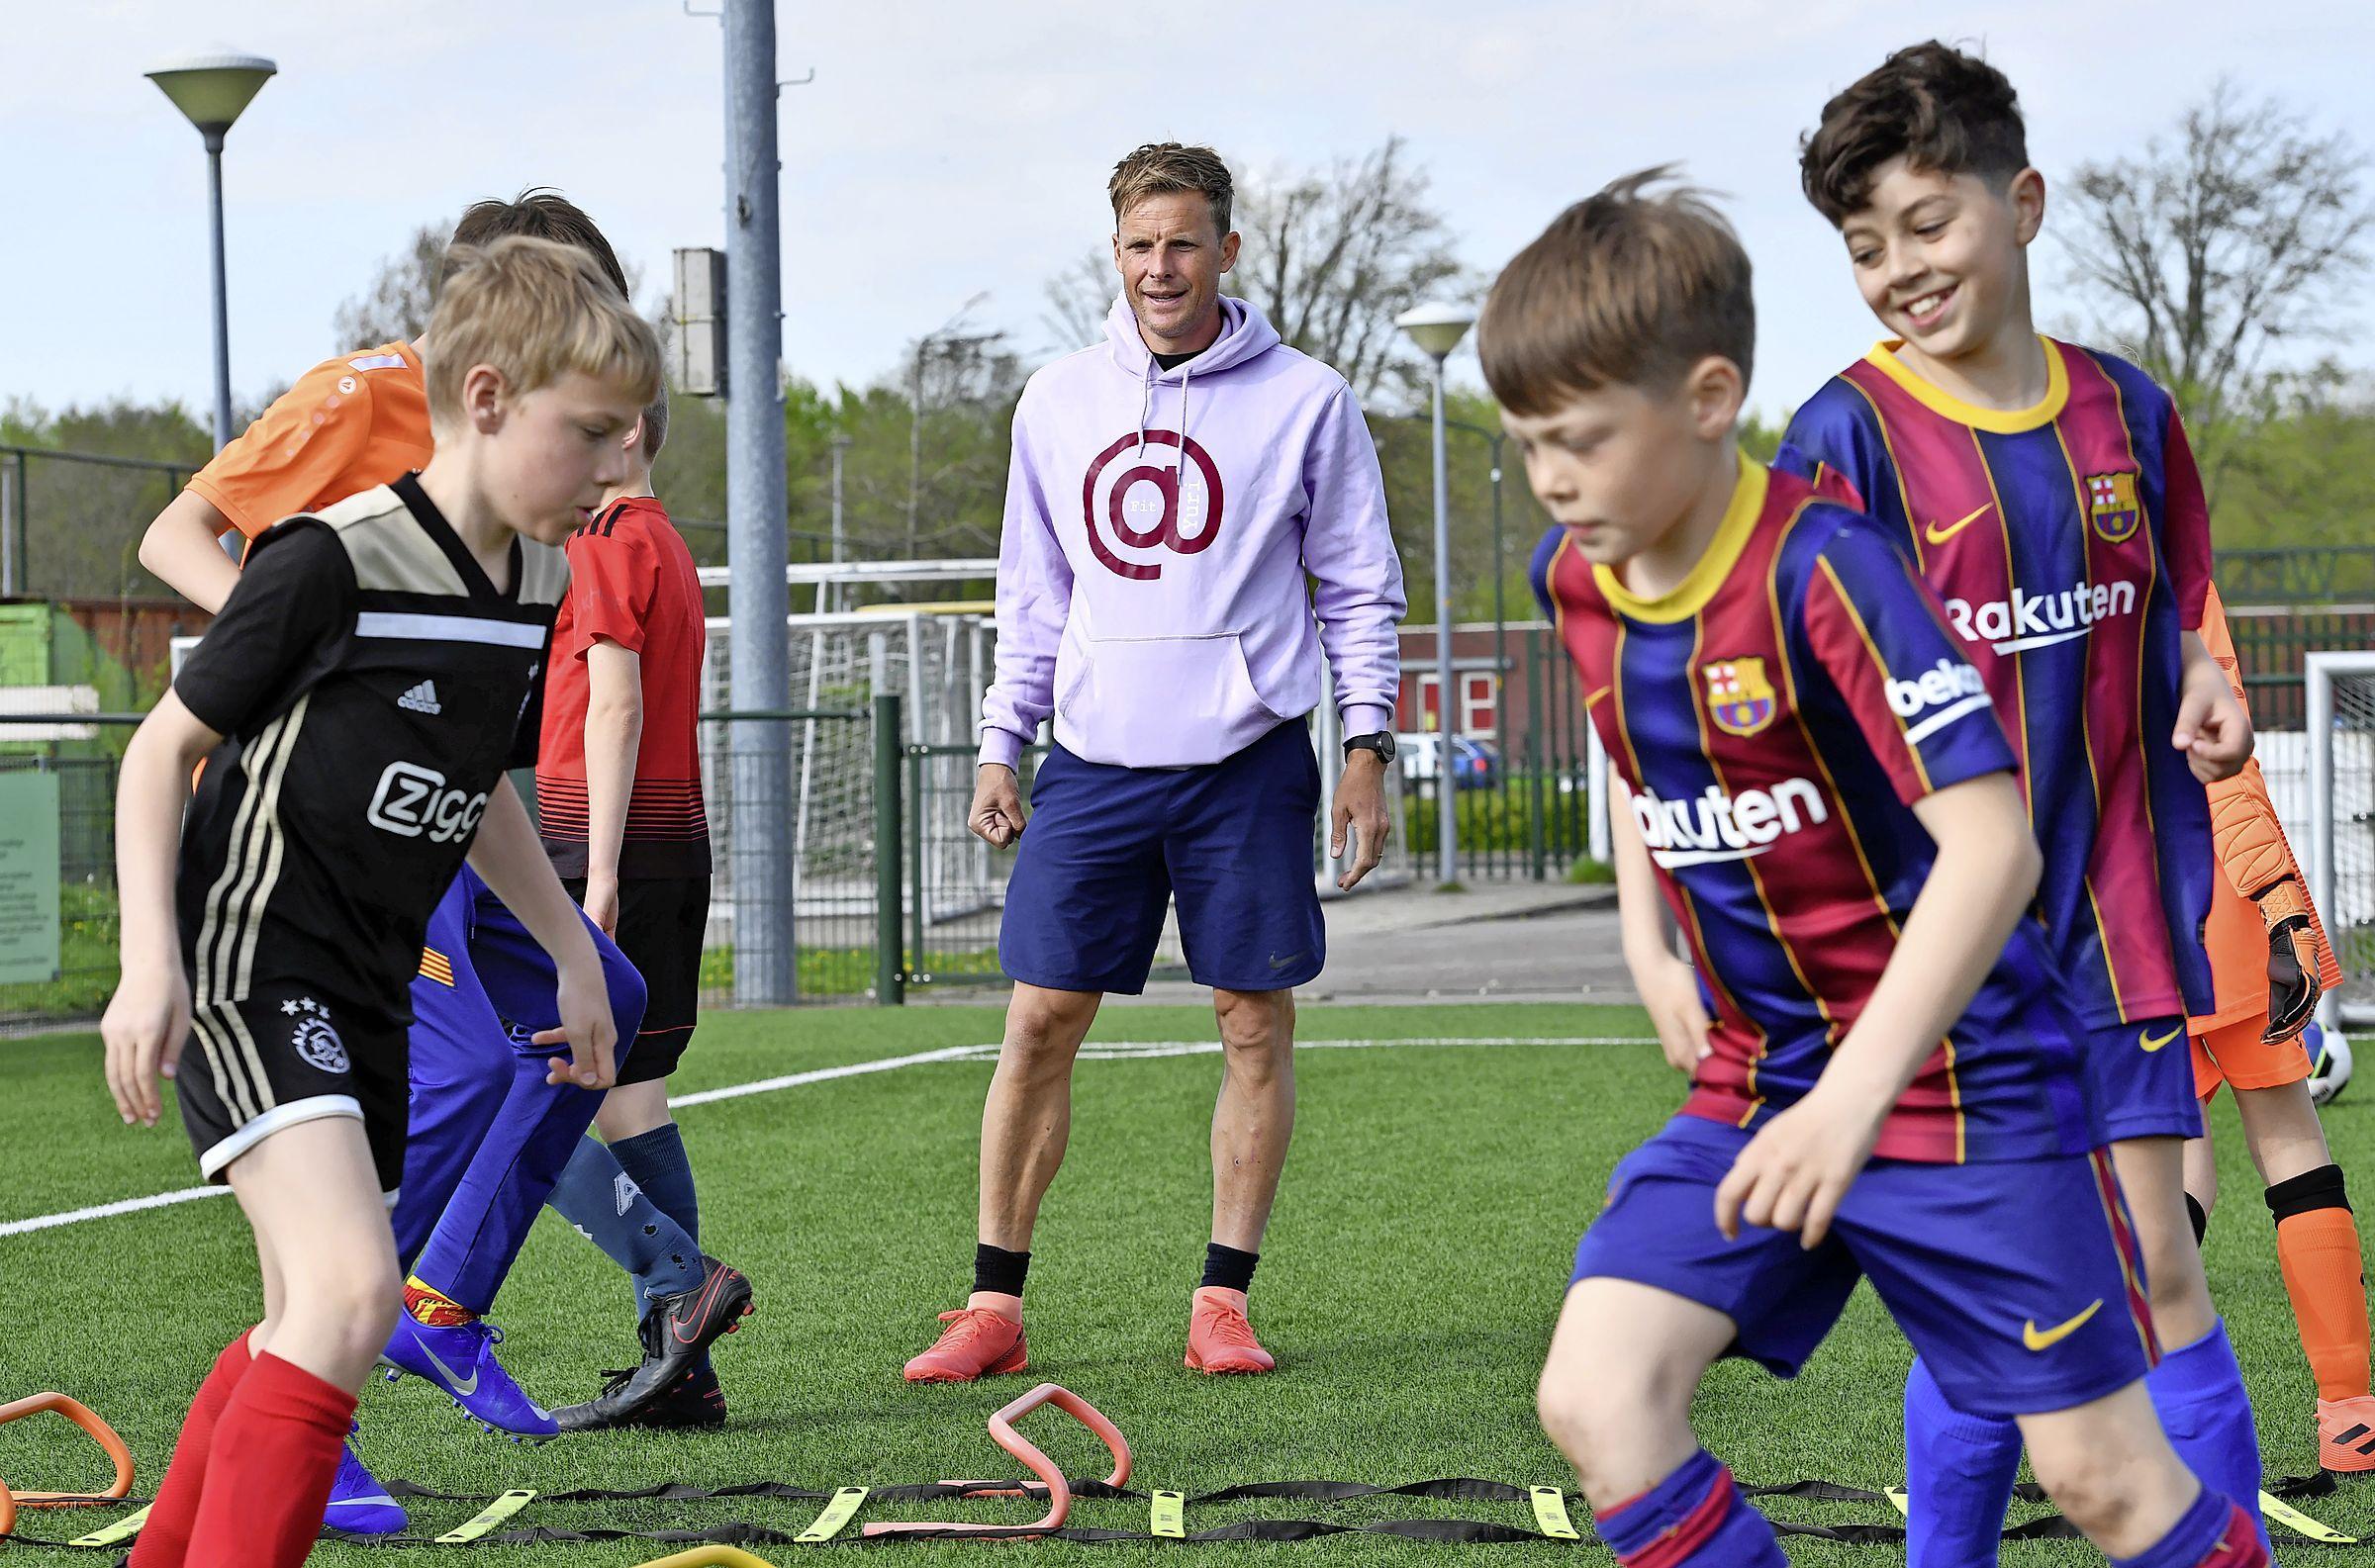 Yuri Cornelisse speelde met Scifo en Suarez, werkte daarna bij de zedenpolitie, maar is nu als trainer en lifestylecoach weer terug bij de basis